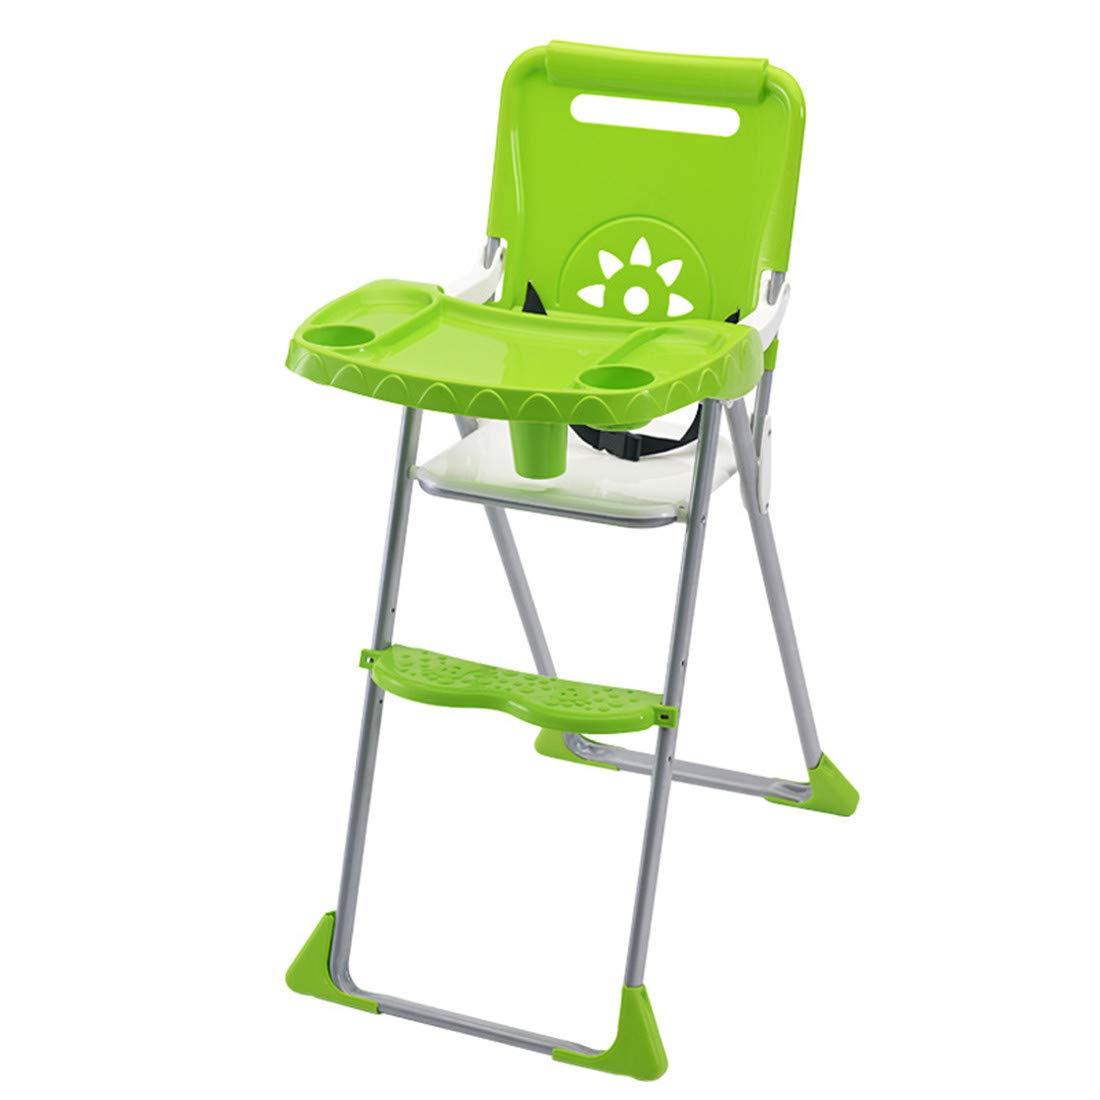 ベビーチェア 赤ちゃん いす 多機能 食事 ハイチェア 折りたたみ ポータブル 子供 イス ダイニング 食事椅子 キッズチェア(6ヶ月~5才)  green B07SNWCH8X